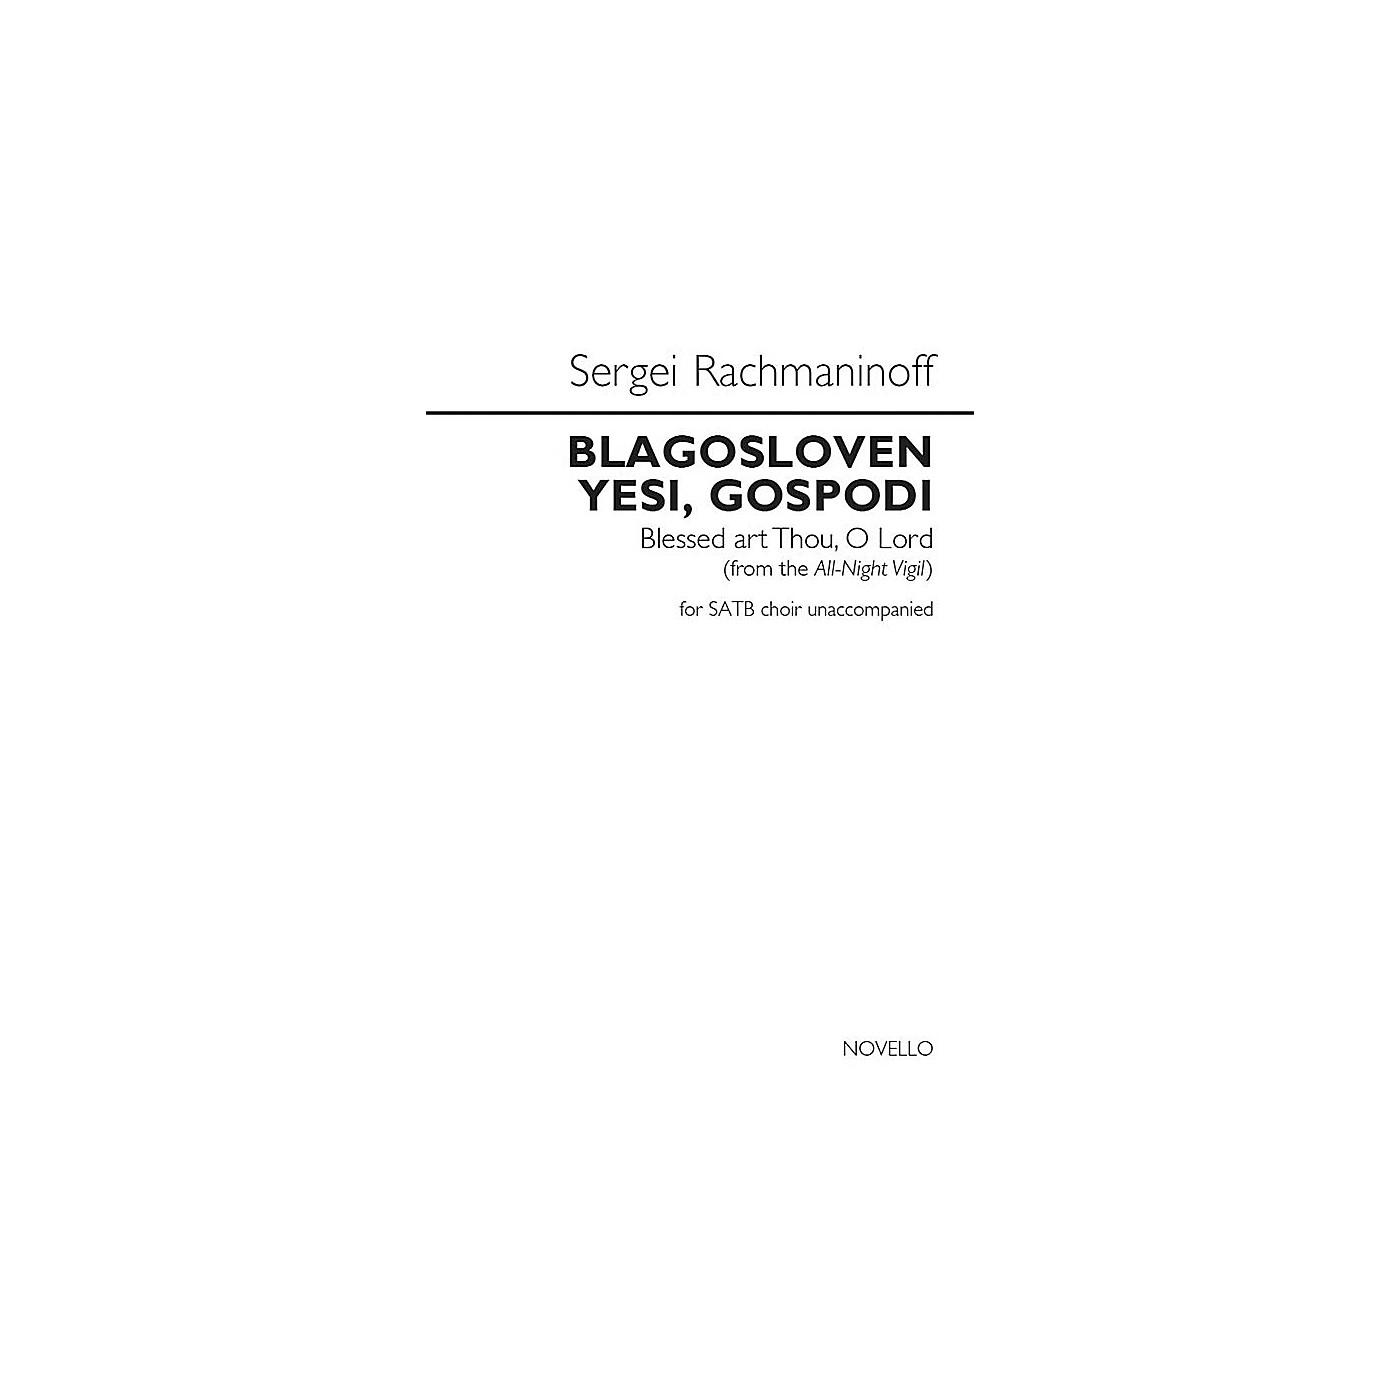 Novello Blagosloven Yesi, Gospodi (Blessed Art Thou, O Lord) SATB a cappella by Sergei Rachmaninoff thumbnail